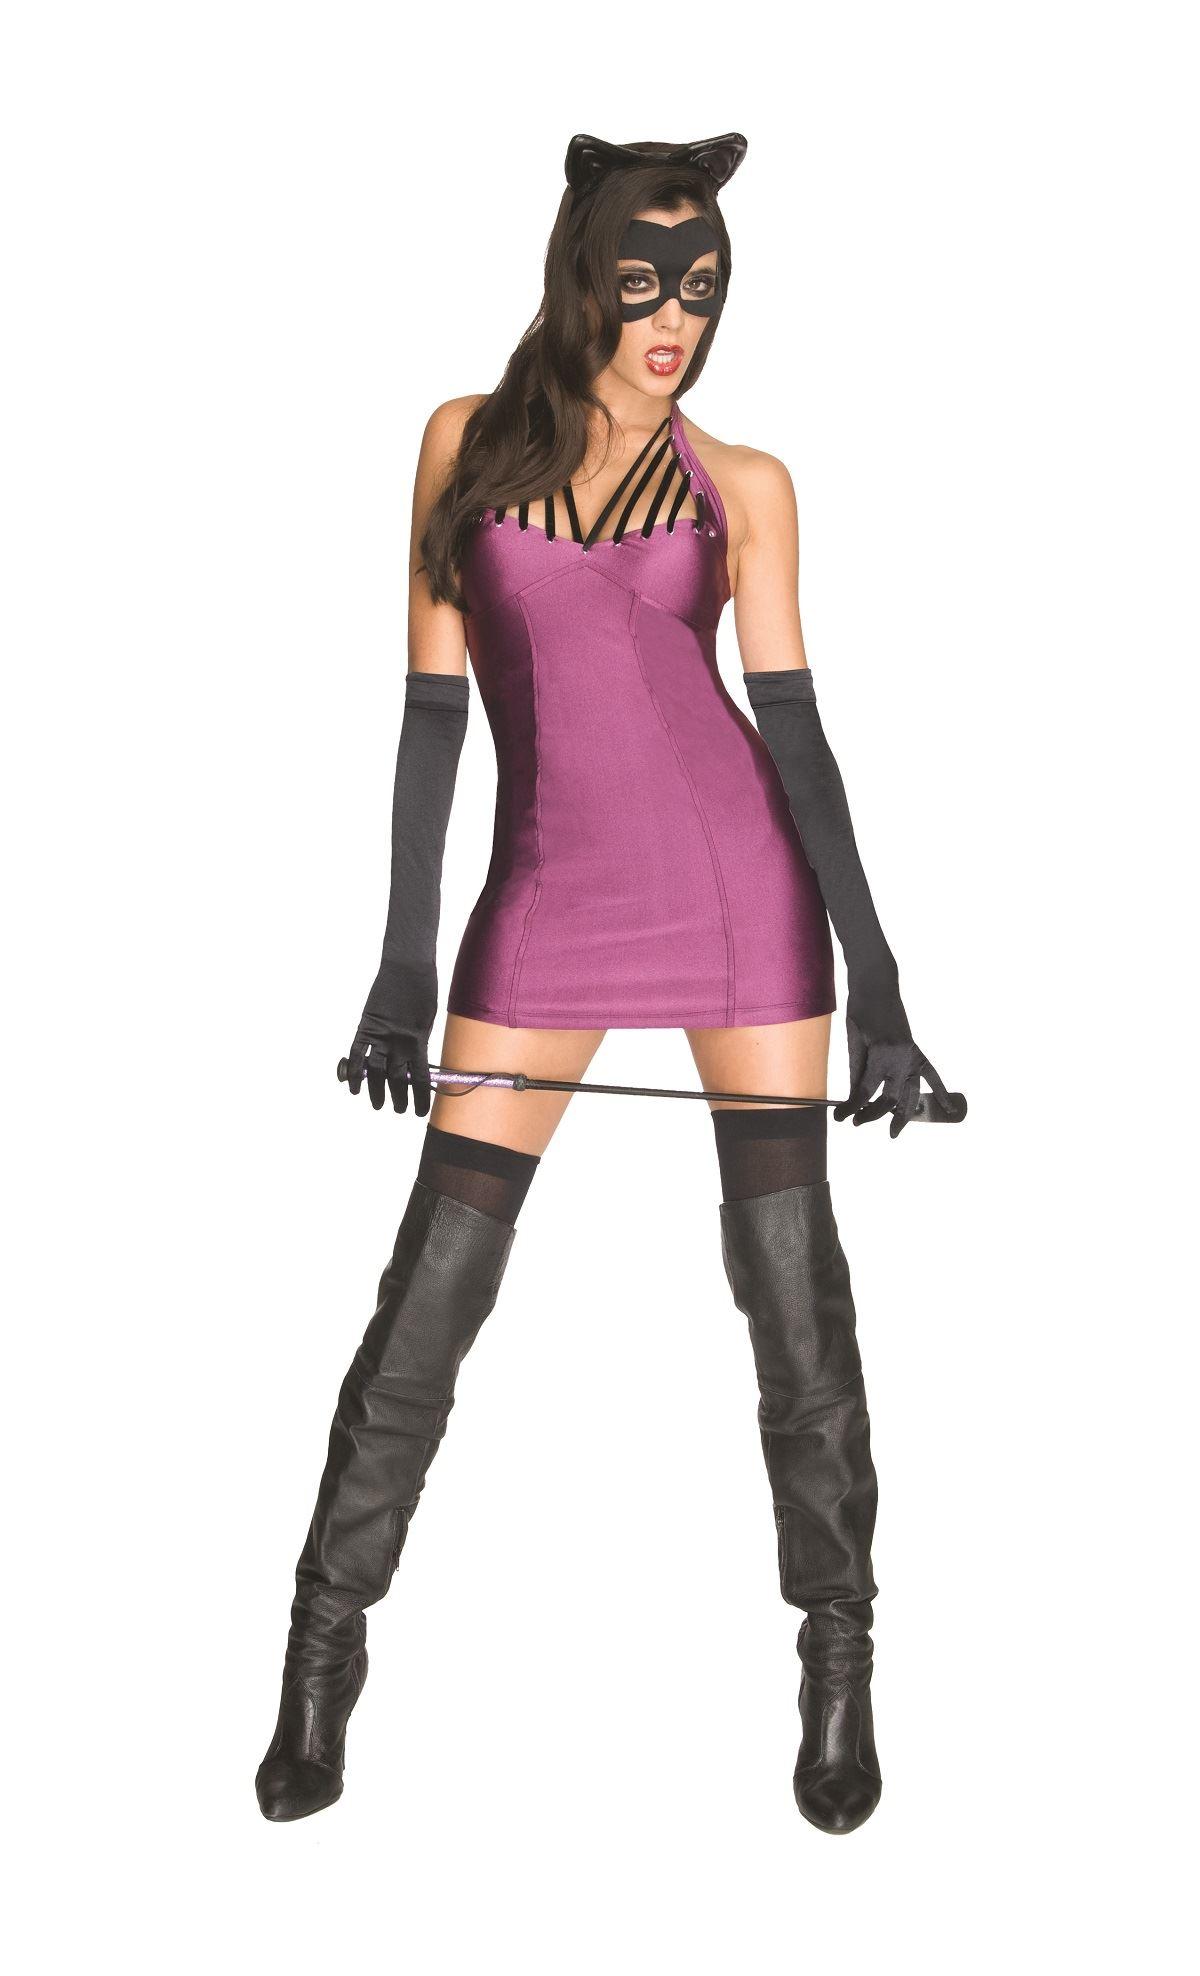 Adult Catwoman Dc Super Villians Women Costume  sc 1 st  The Costume Land & Adult Catwoman Dc Super Villians Women Costume | $47.99 | The ...